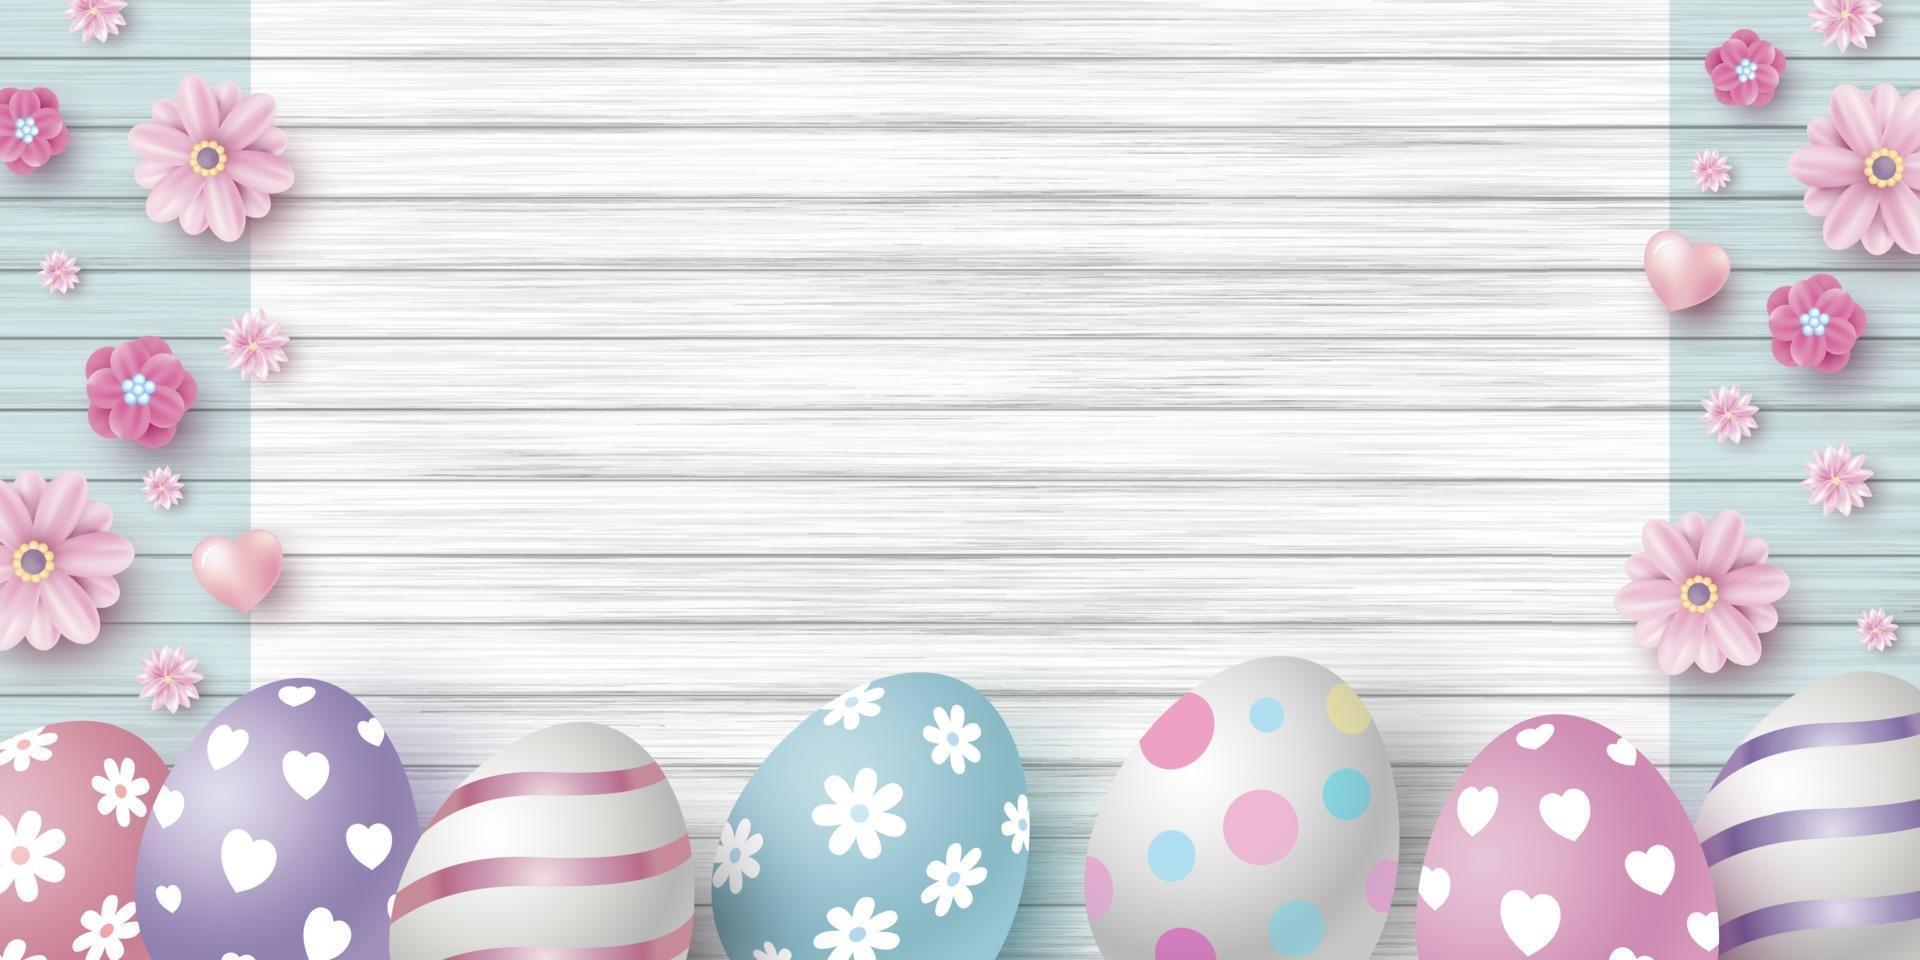 Diseño del día de Pascua de huevos y flores en la ilustración de vector de fondo de textura de madera blanca